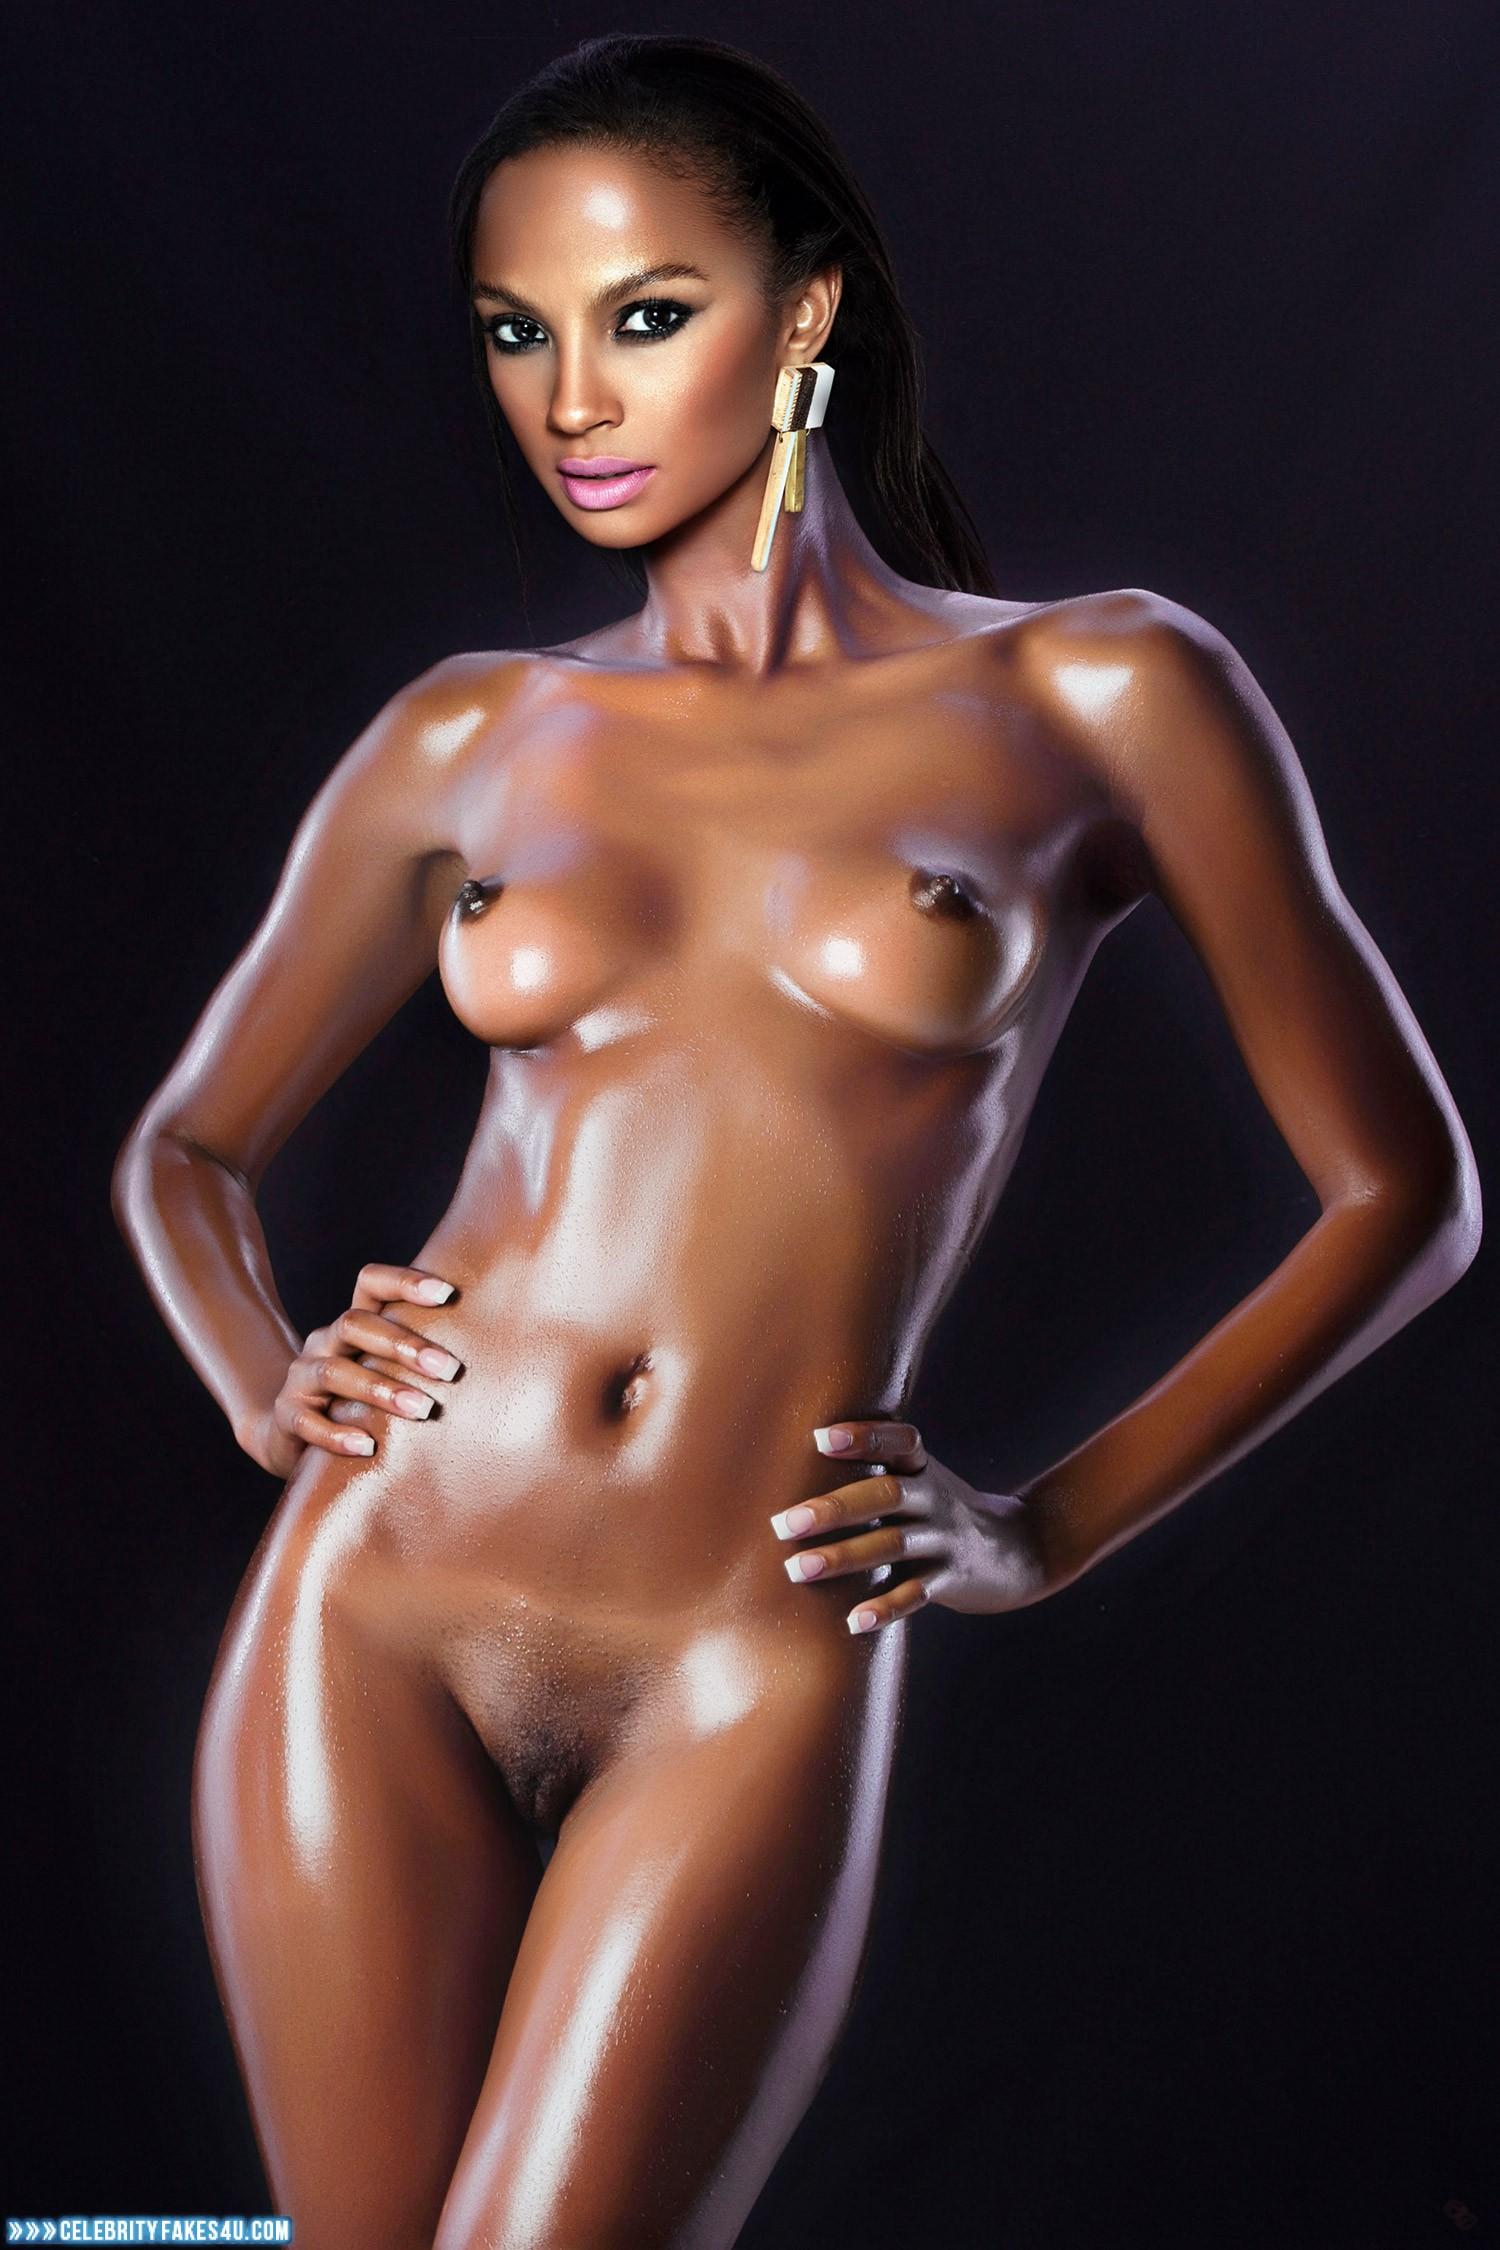 alesha dixon wet naked body 001 « celebrity fakes 4u